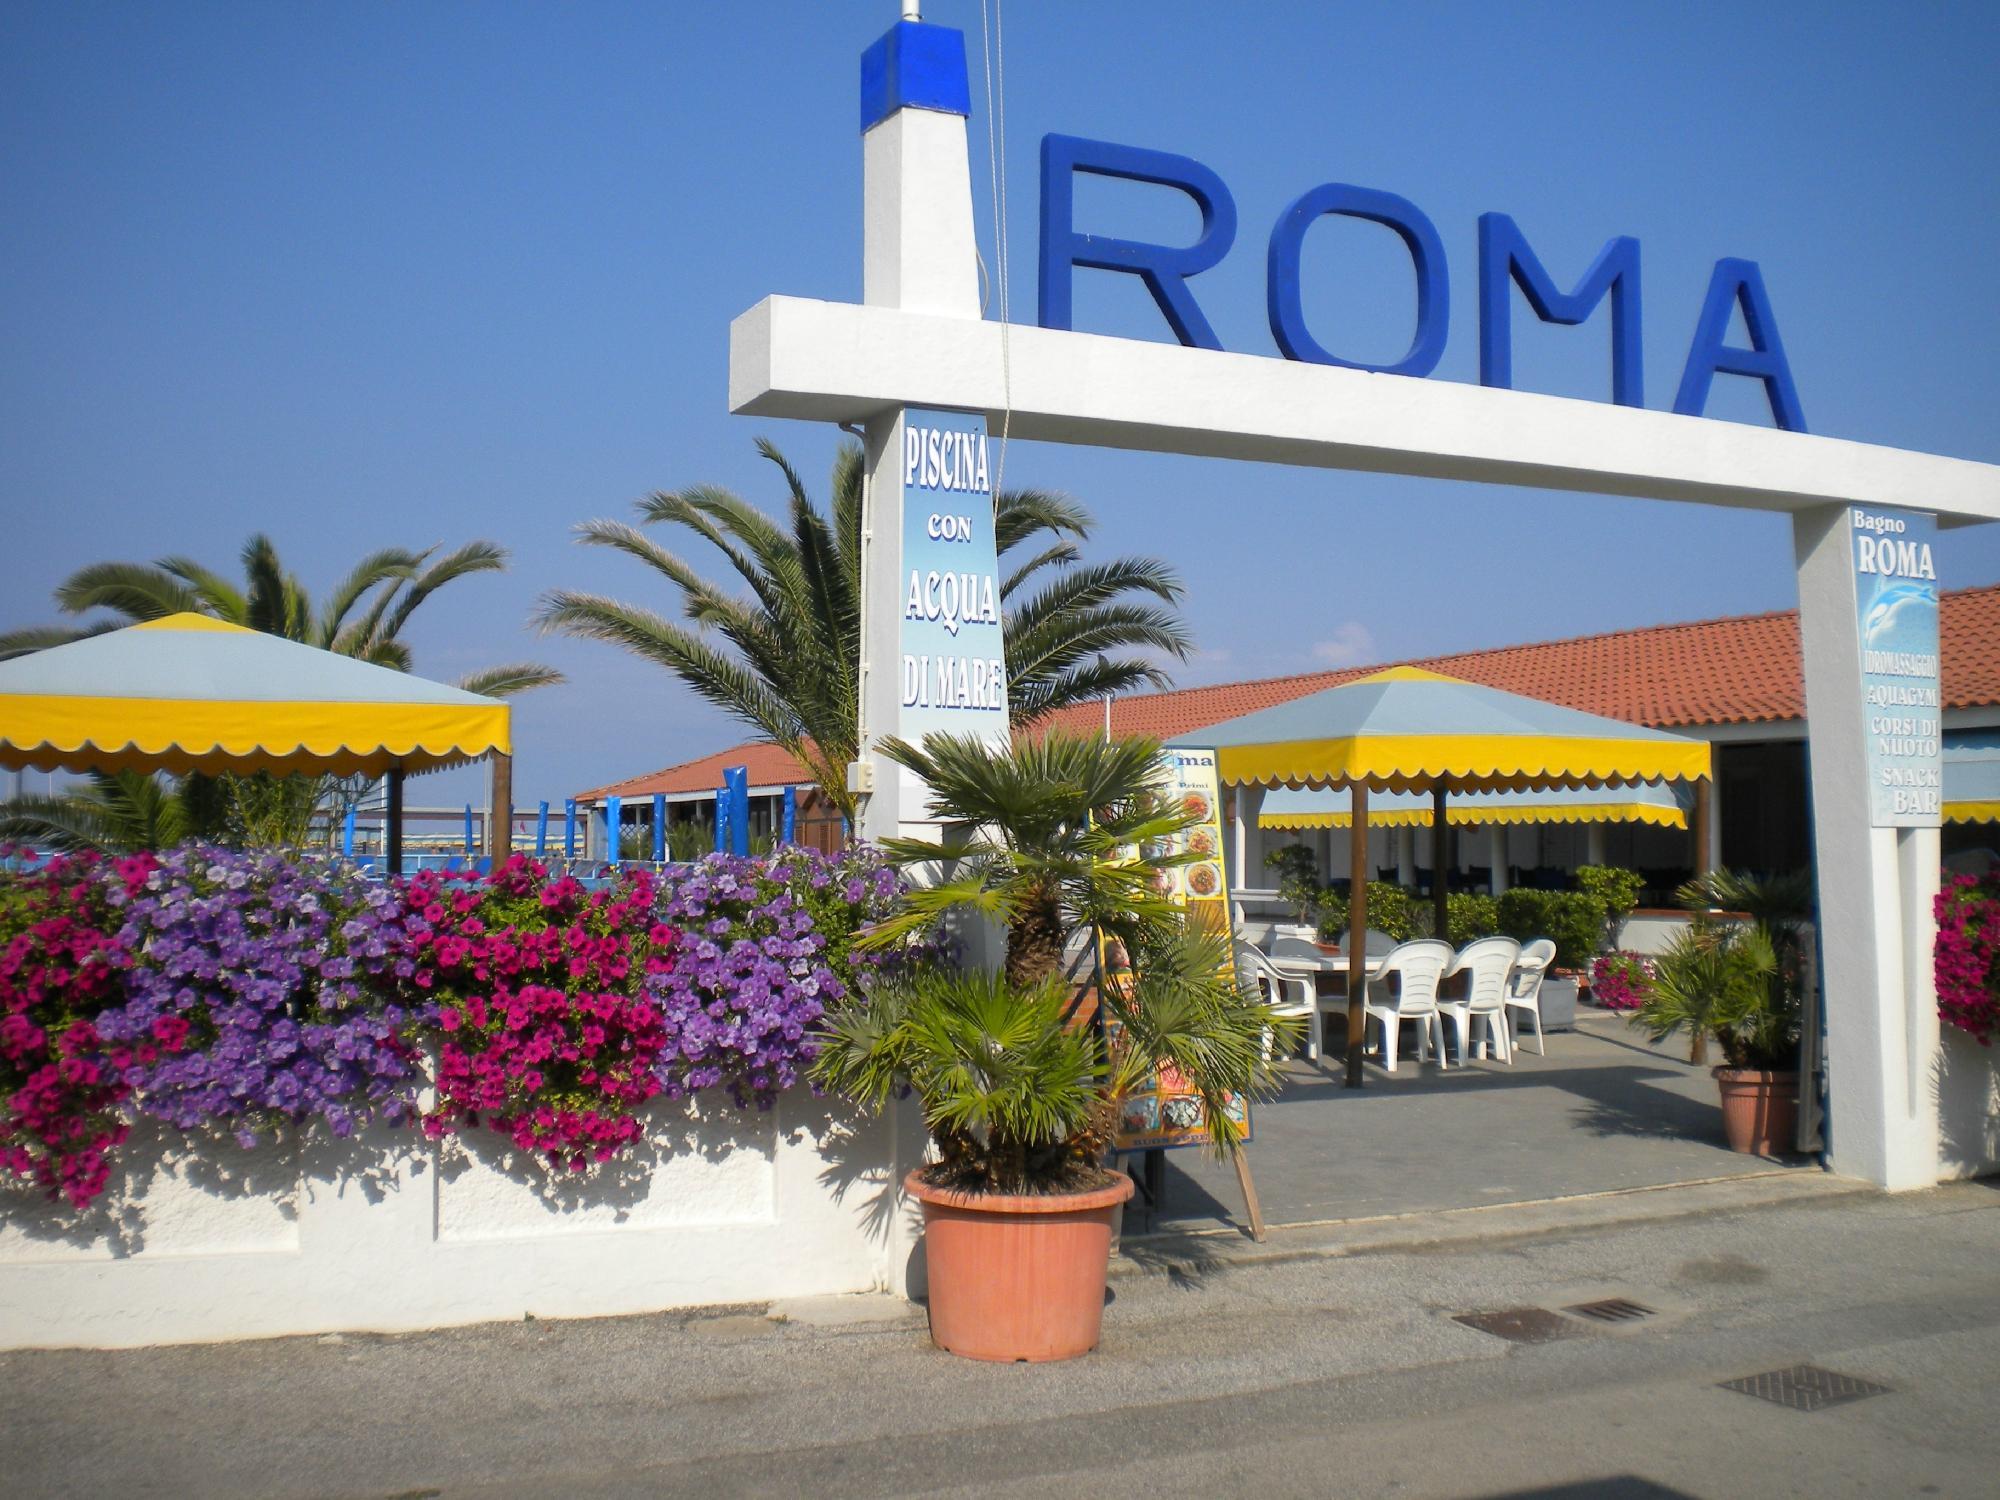 Bagno roma a viareggio prezzi recensioni ristoranti vicini - Bagno milano viareggio ...